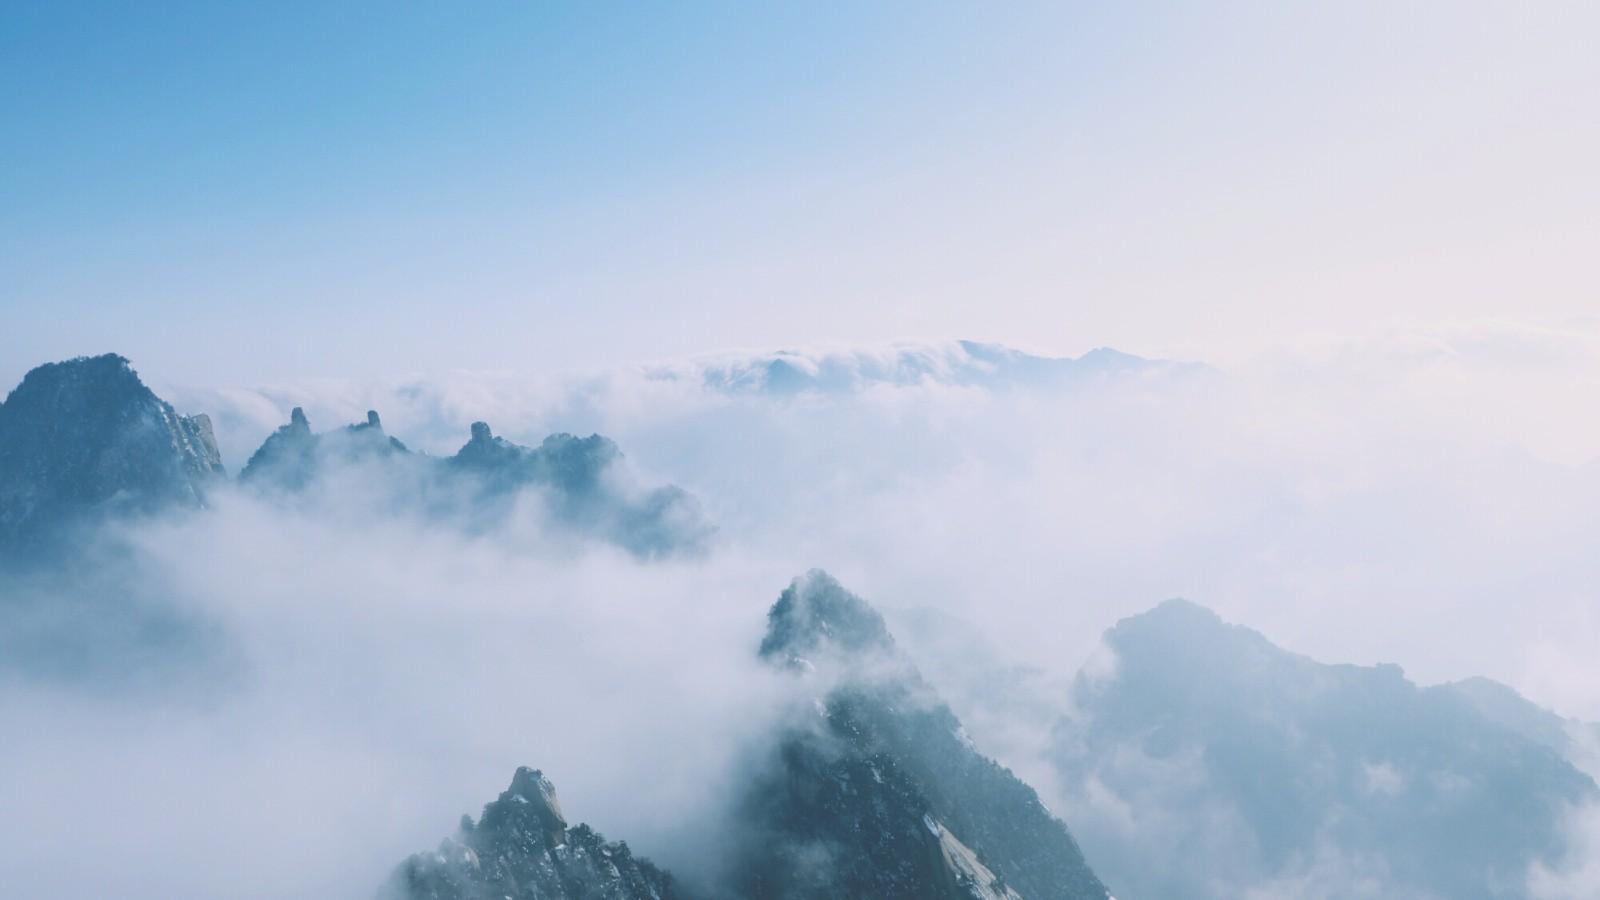 五岳归来不看山--西岳华山图片